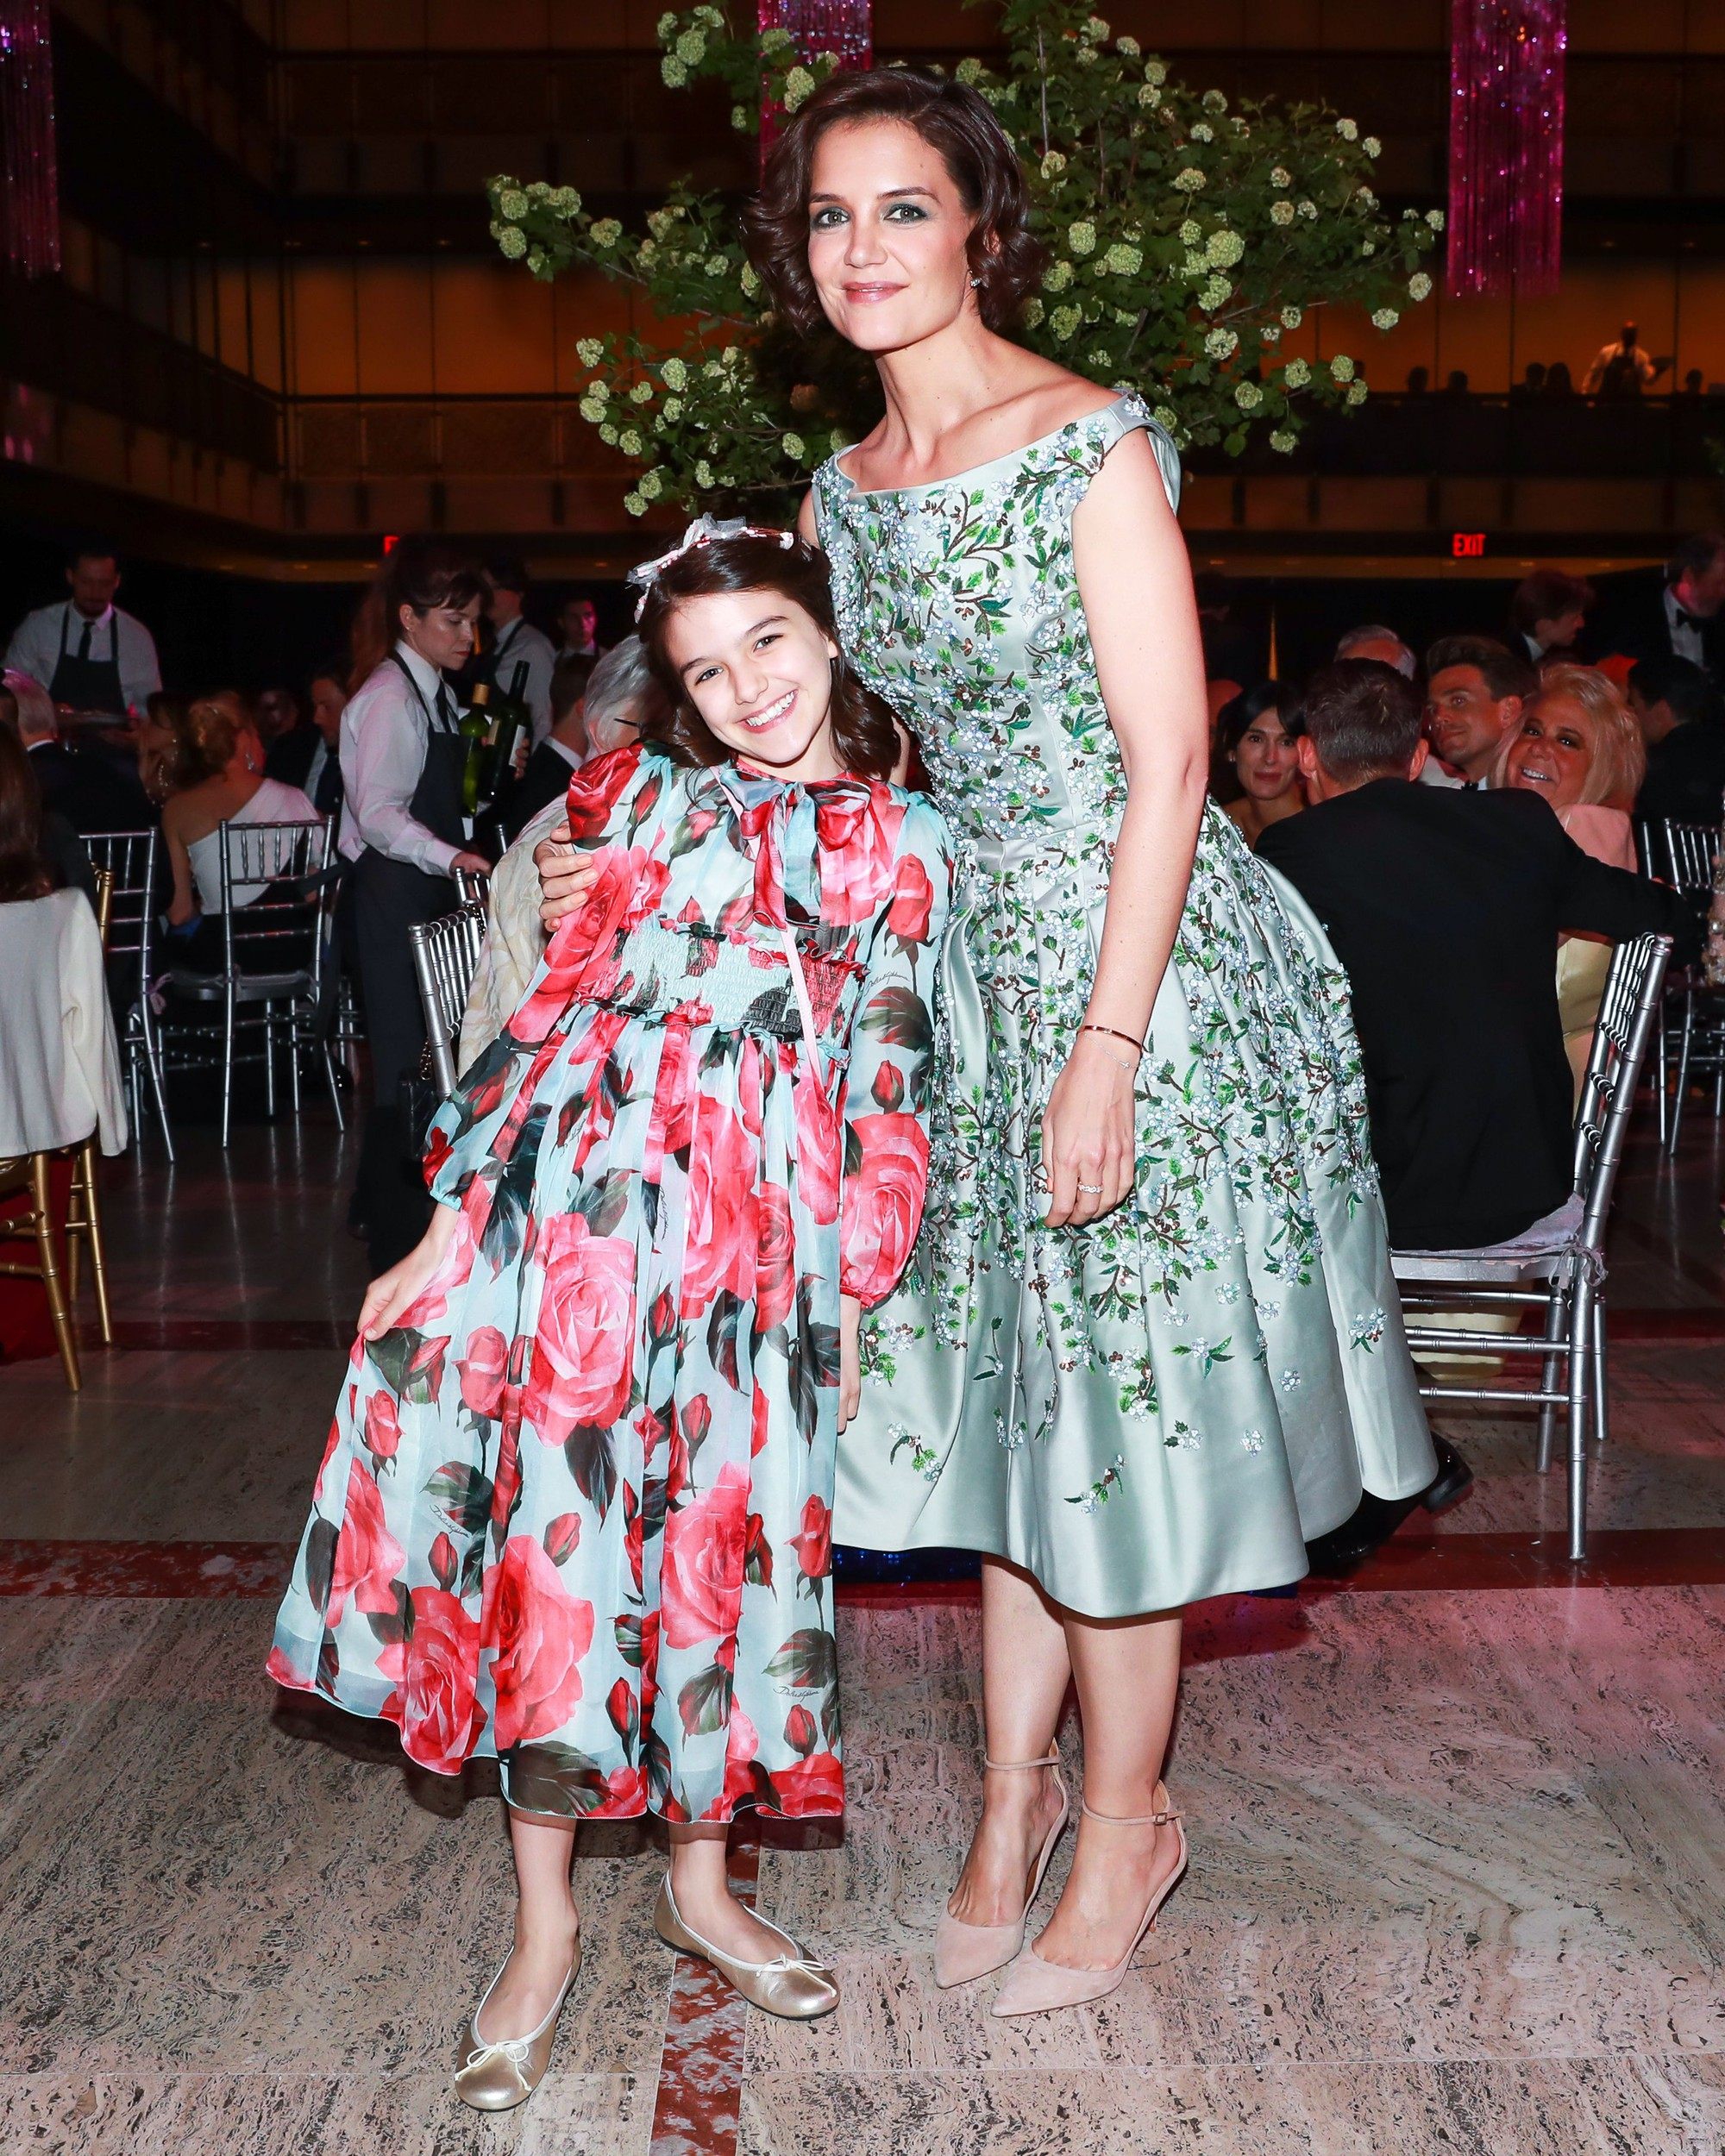 Những cô công chúa nổi tiếng nhà sao Hollywood ngày ấy nay đã lớn: Suri Cruise, Harper Beckham lột xác ngoạn mục - Ảnh 13.